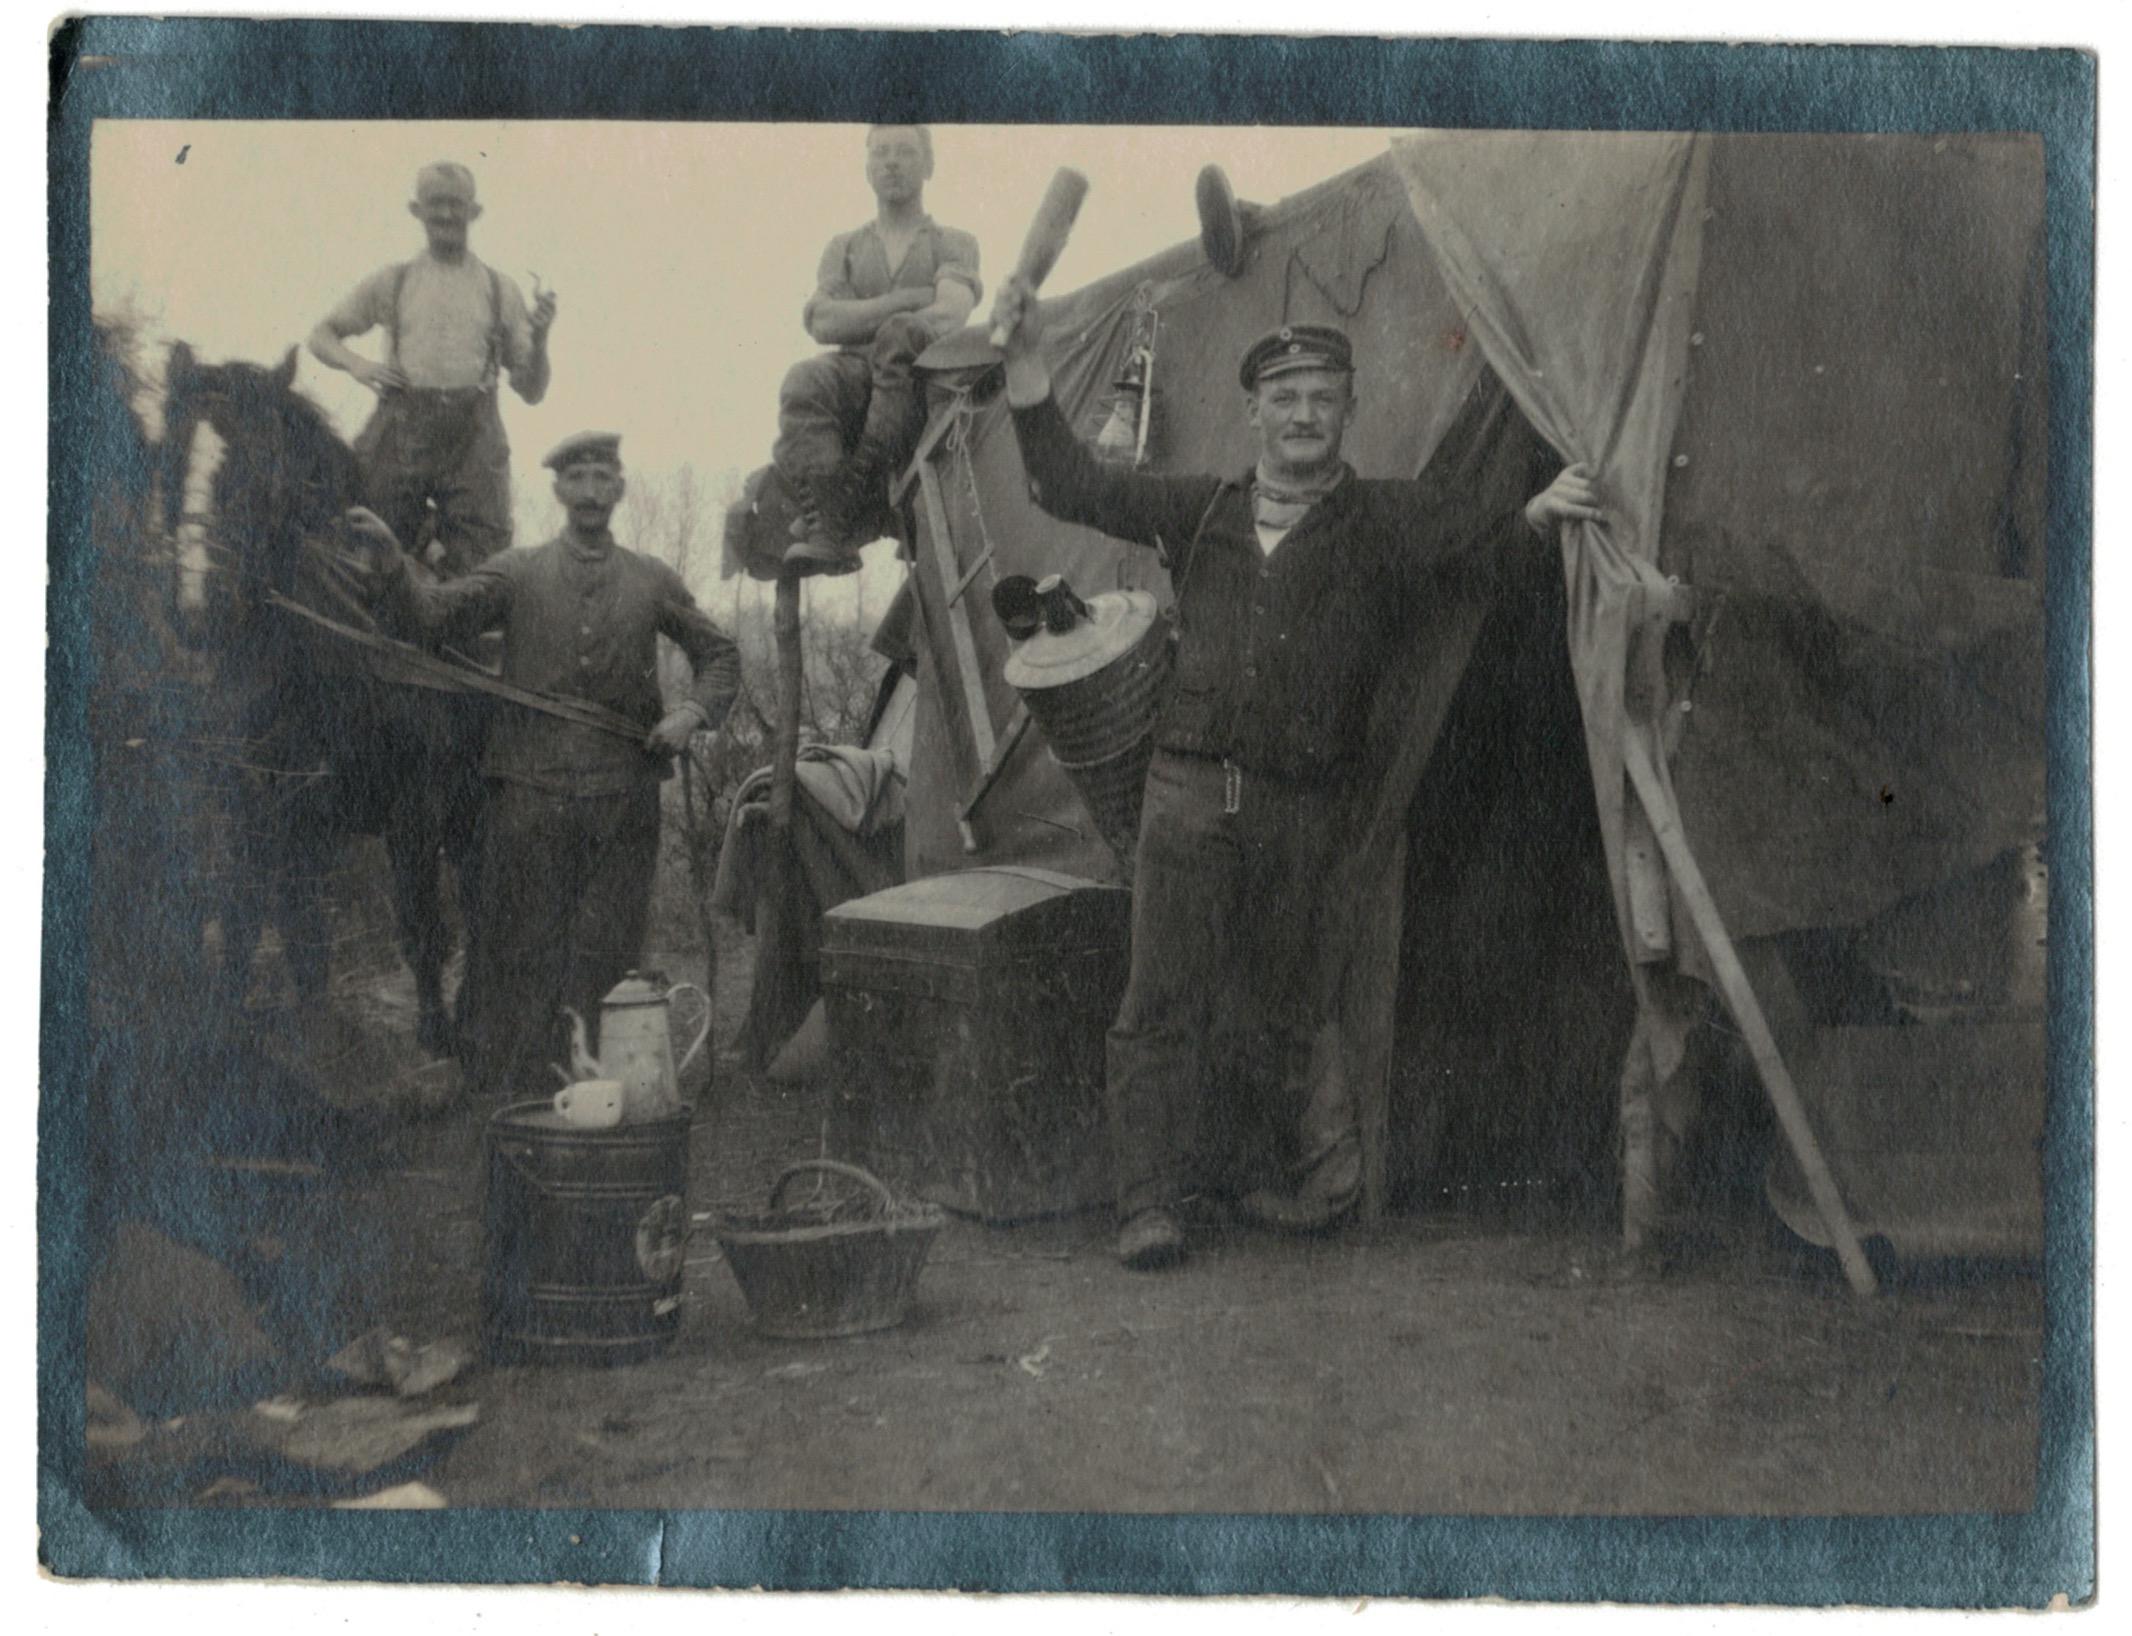 Photo papier originale - Infanterie 14/18 - Allemagne - Tranchée - Front - Campement